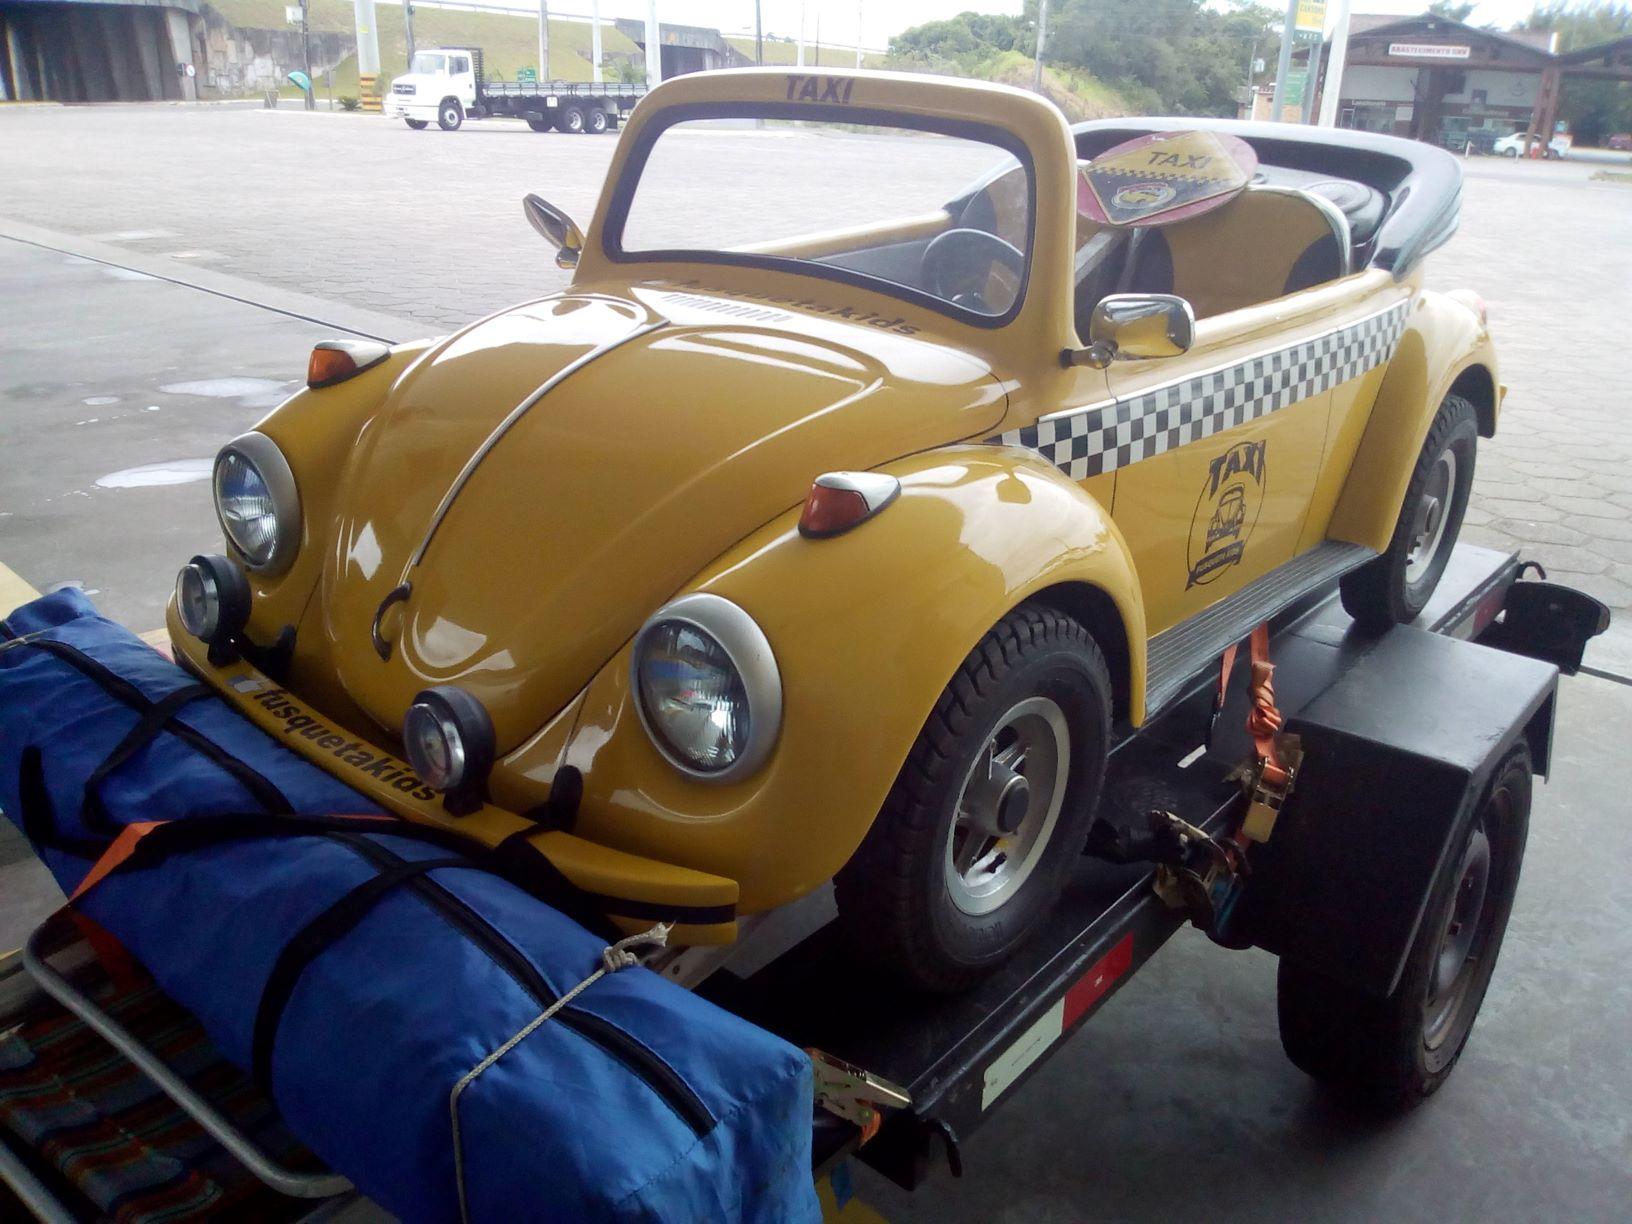 3e195214192 Motor a gasolina na traseira como no original